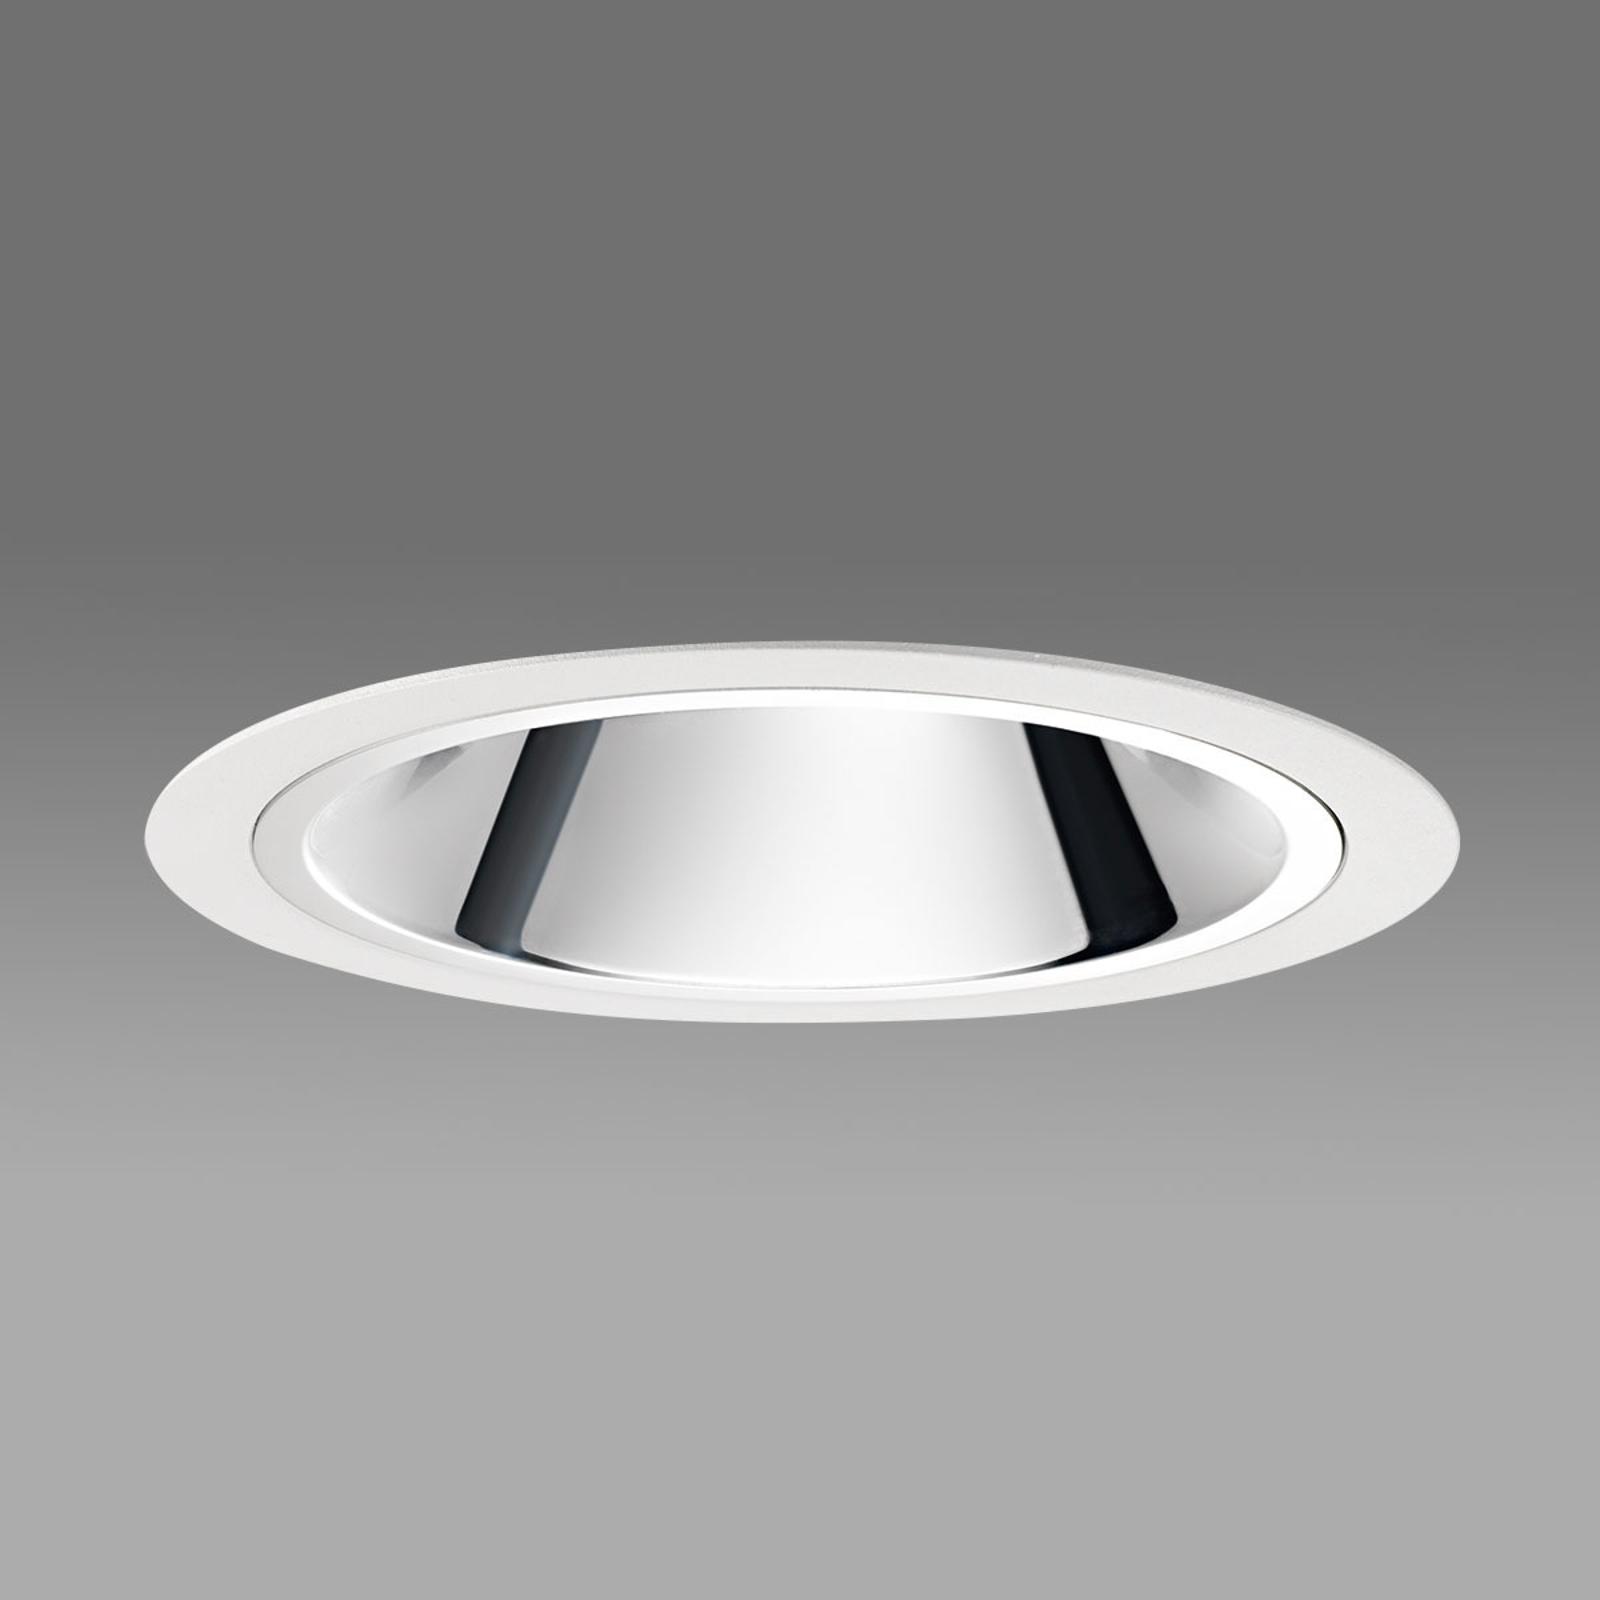 LED-Einbauleuchte Centro - Abstrahlwinkel 69°